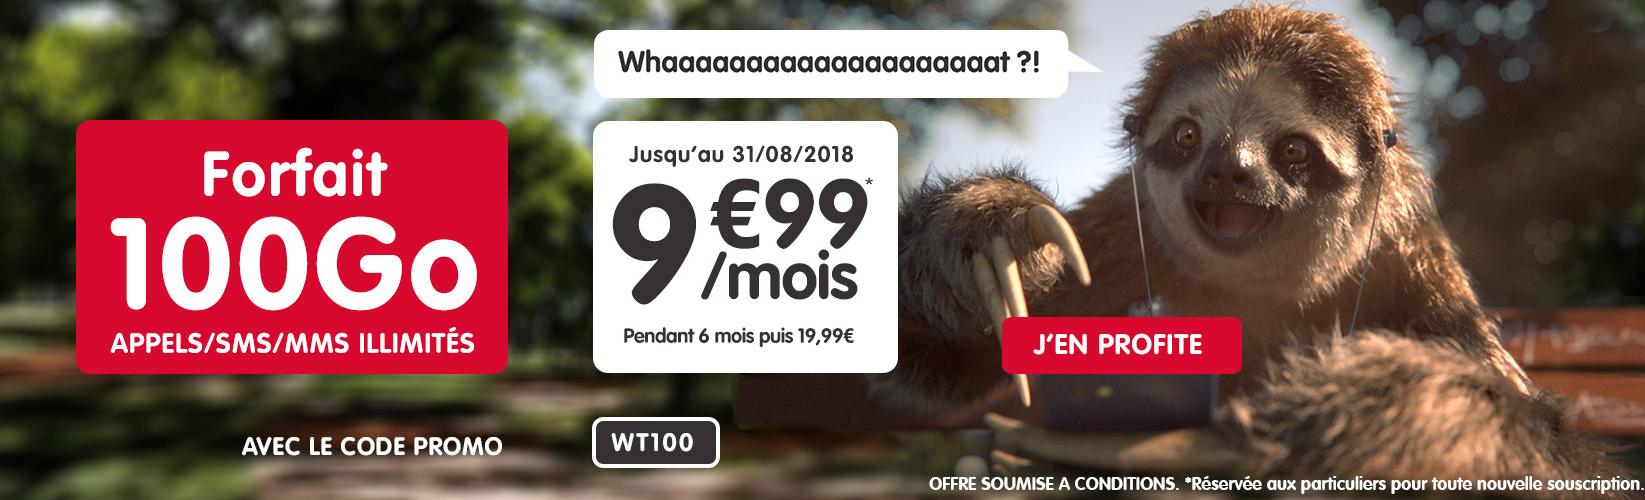 🔥 Bon plan : forfait mobile 100 Go pour 9,99 euros par mois pendant 6 mois chez NRJ Mobile